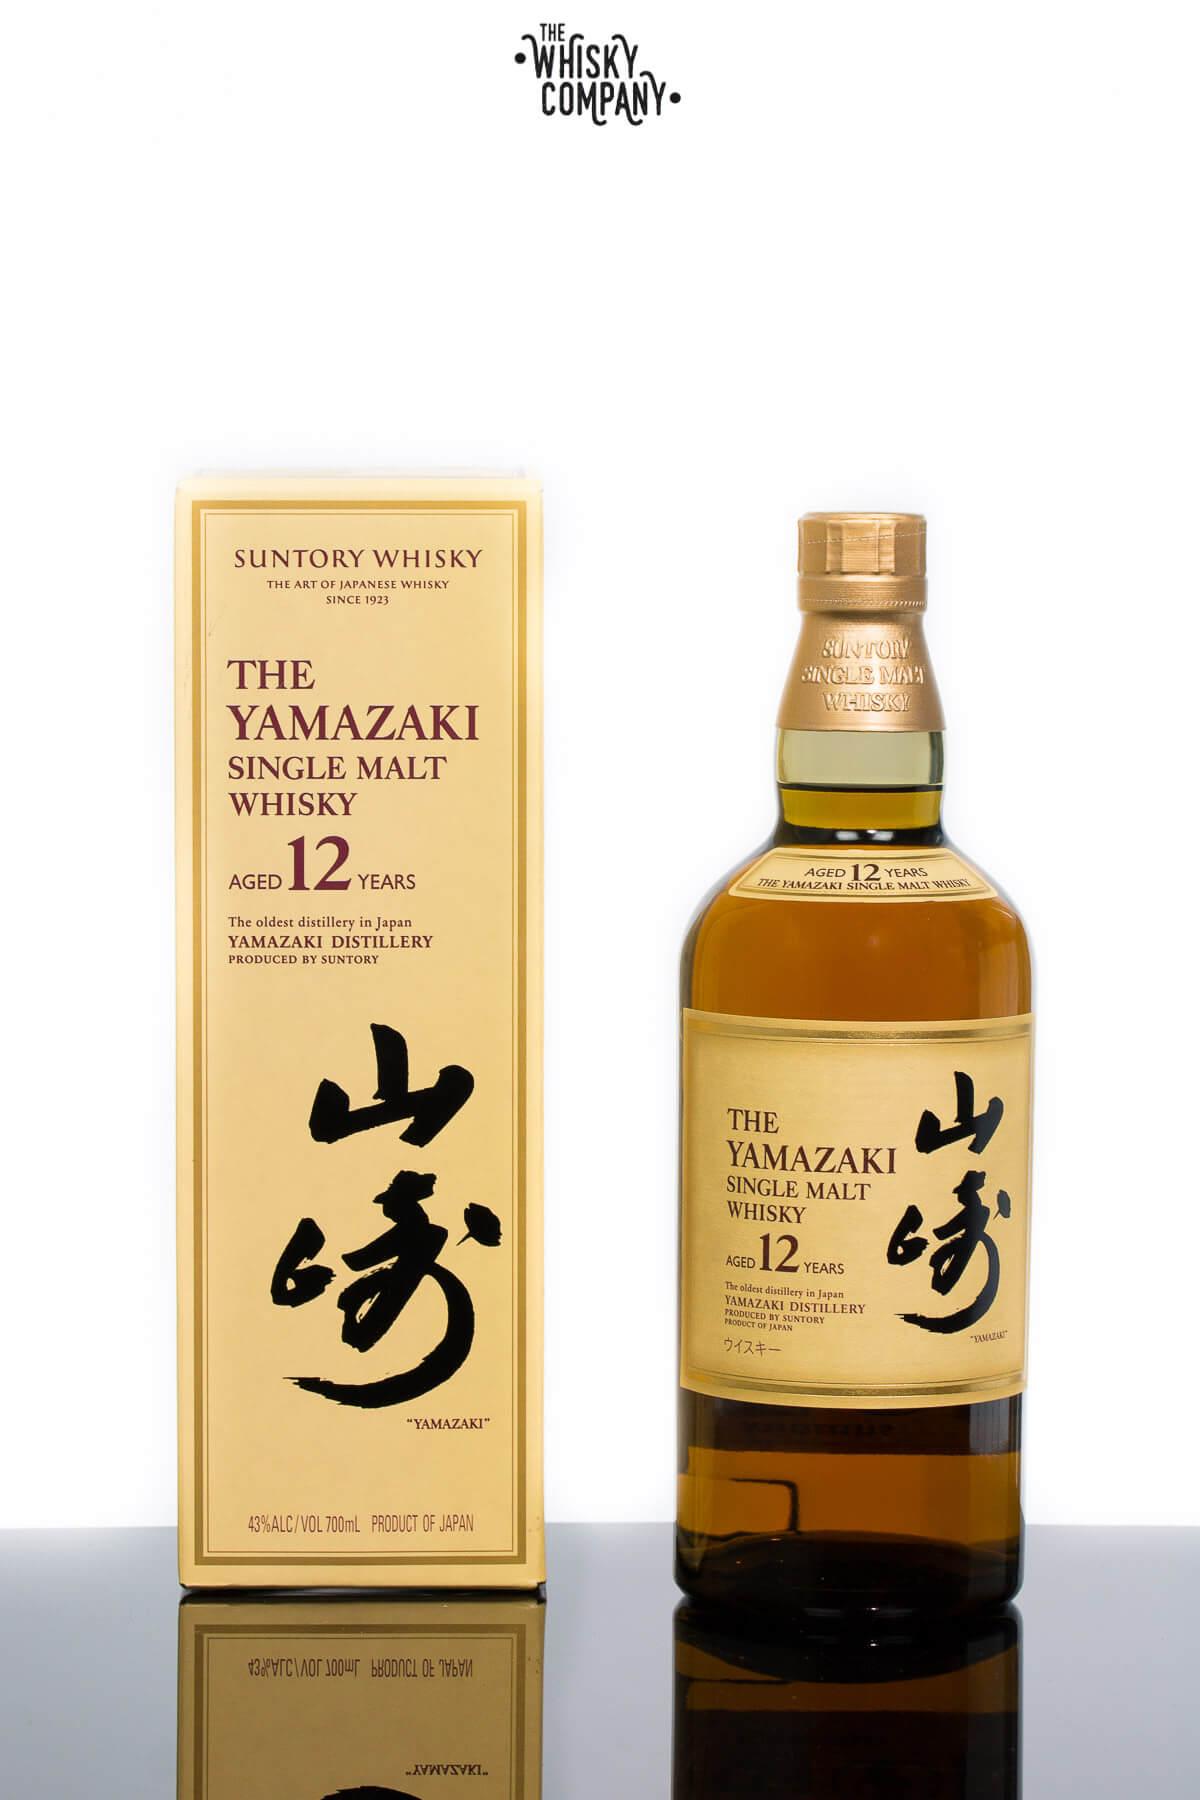 Yamazaki Aged 12 Years Japanese Single Malt Whisky